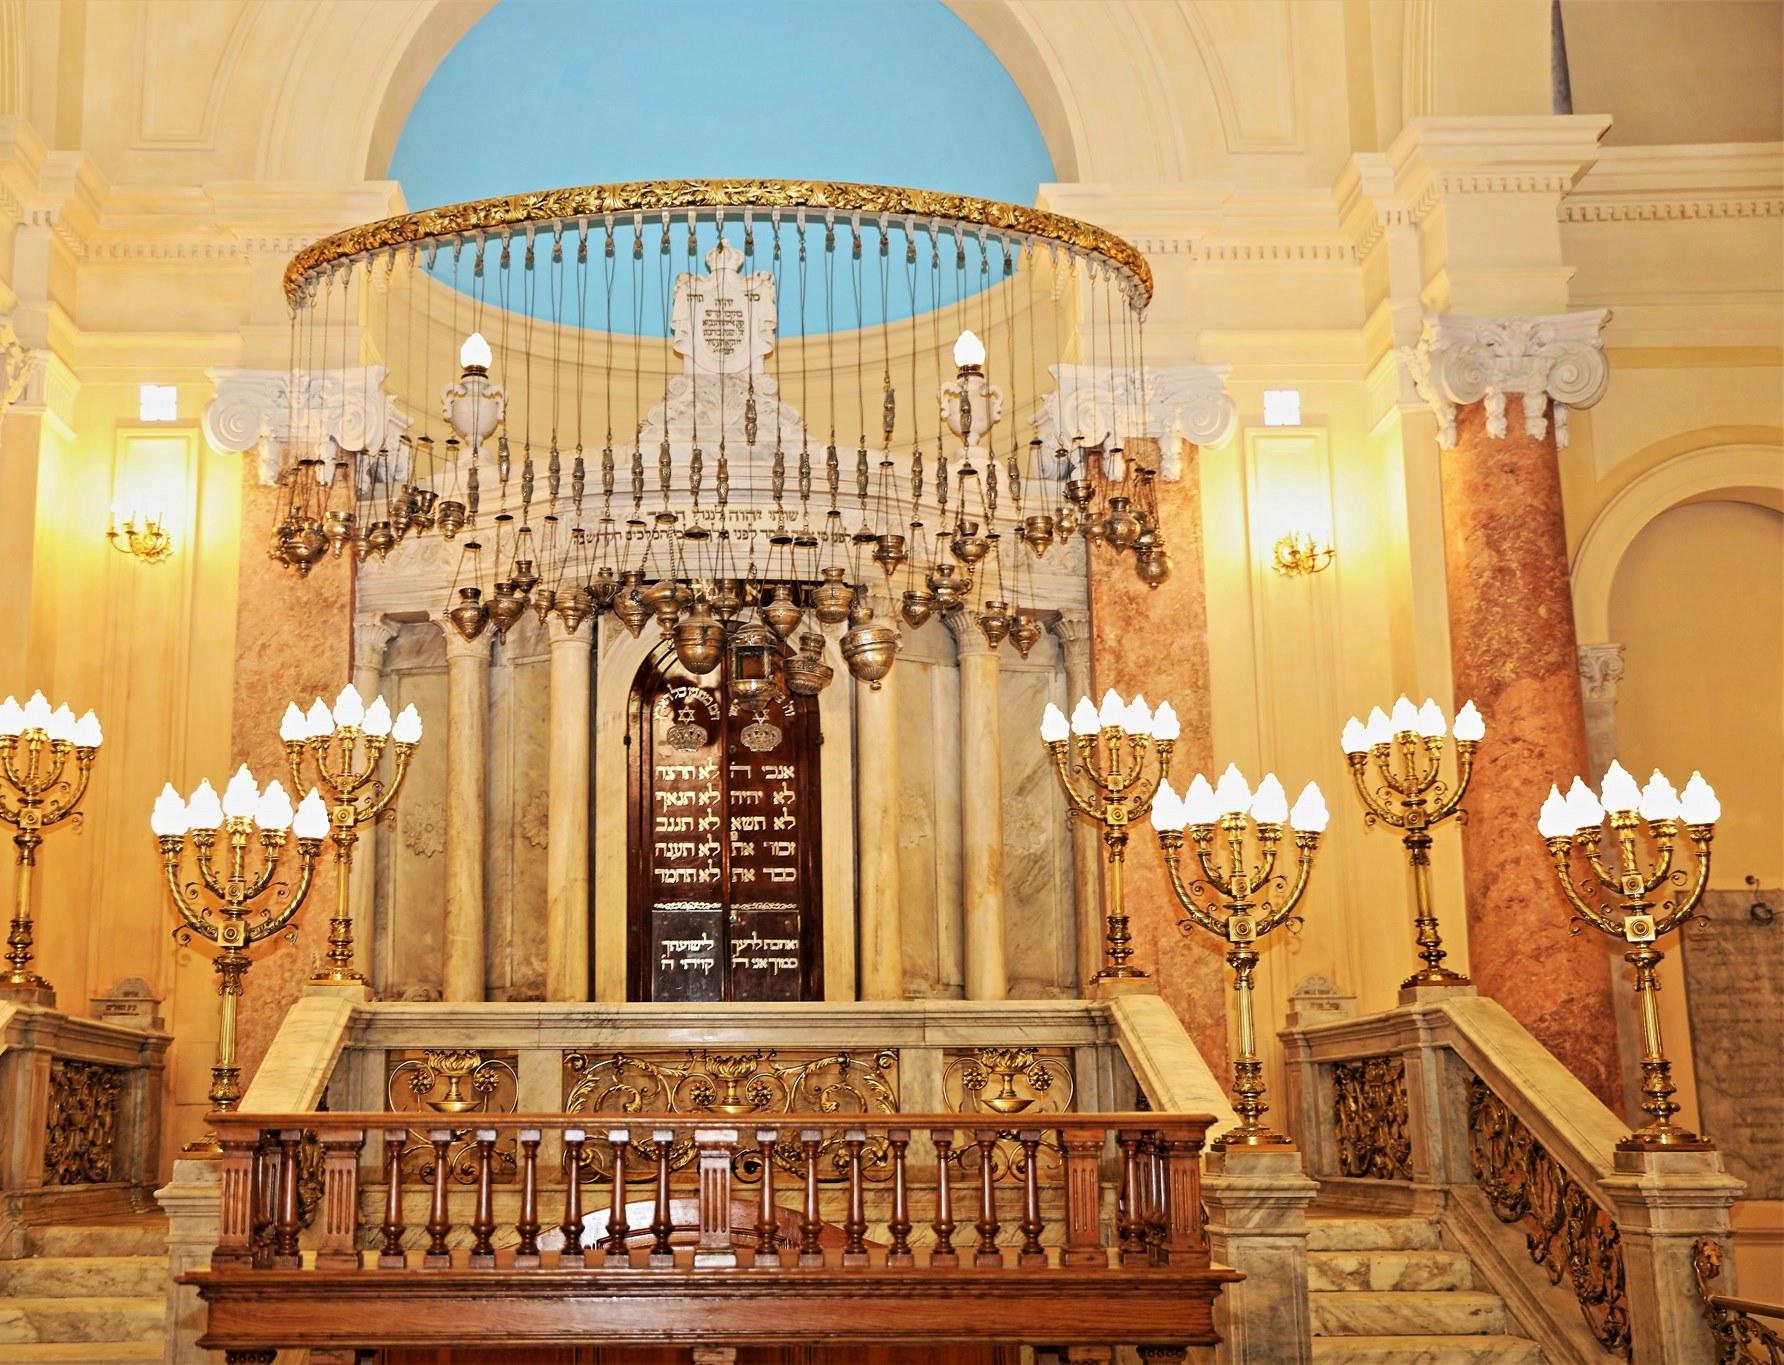 نتيجة بحث الصور عن افتتاح المعبد اليهودي في الإسكندرية بعد ترميمه لأول مرة منذ عام 1881